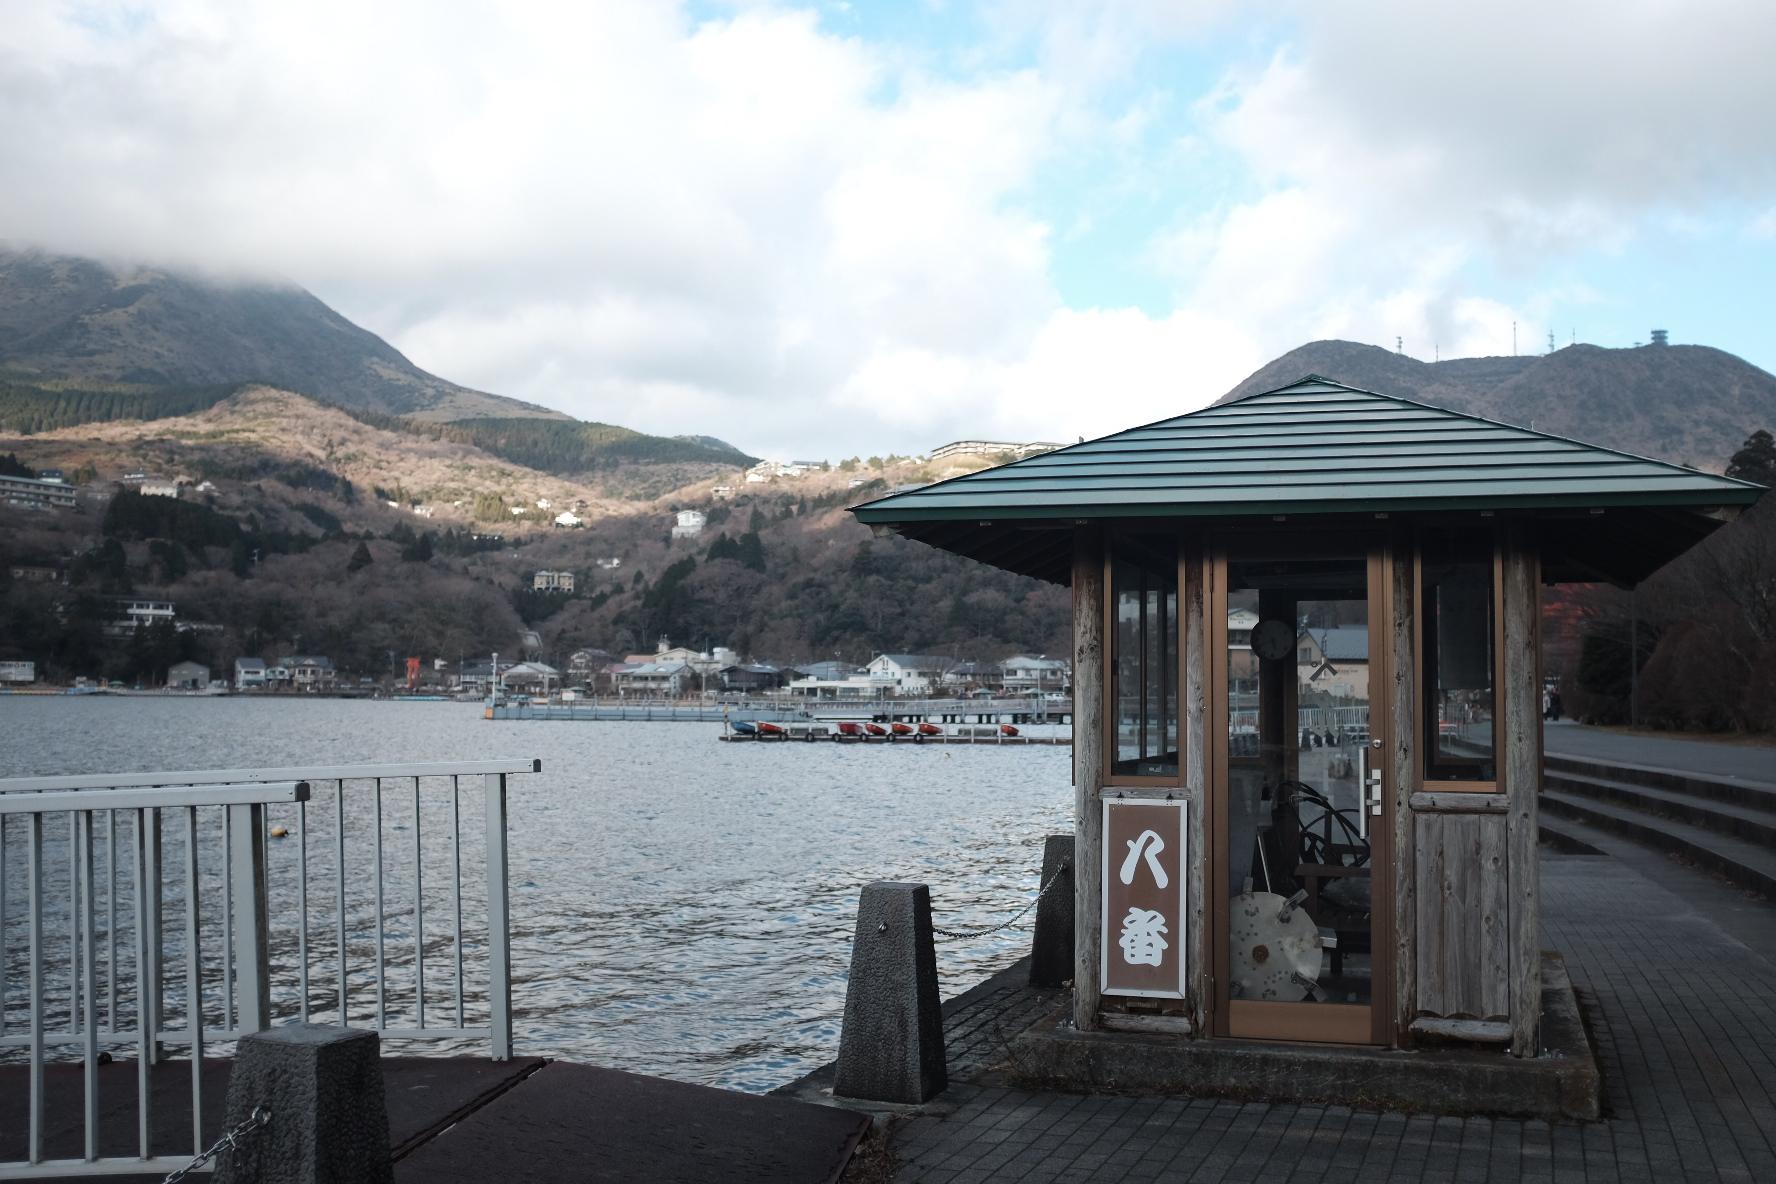 Lake Ashinoko, Hakone | Photo: Jinglu Huang